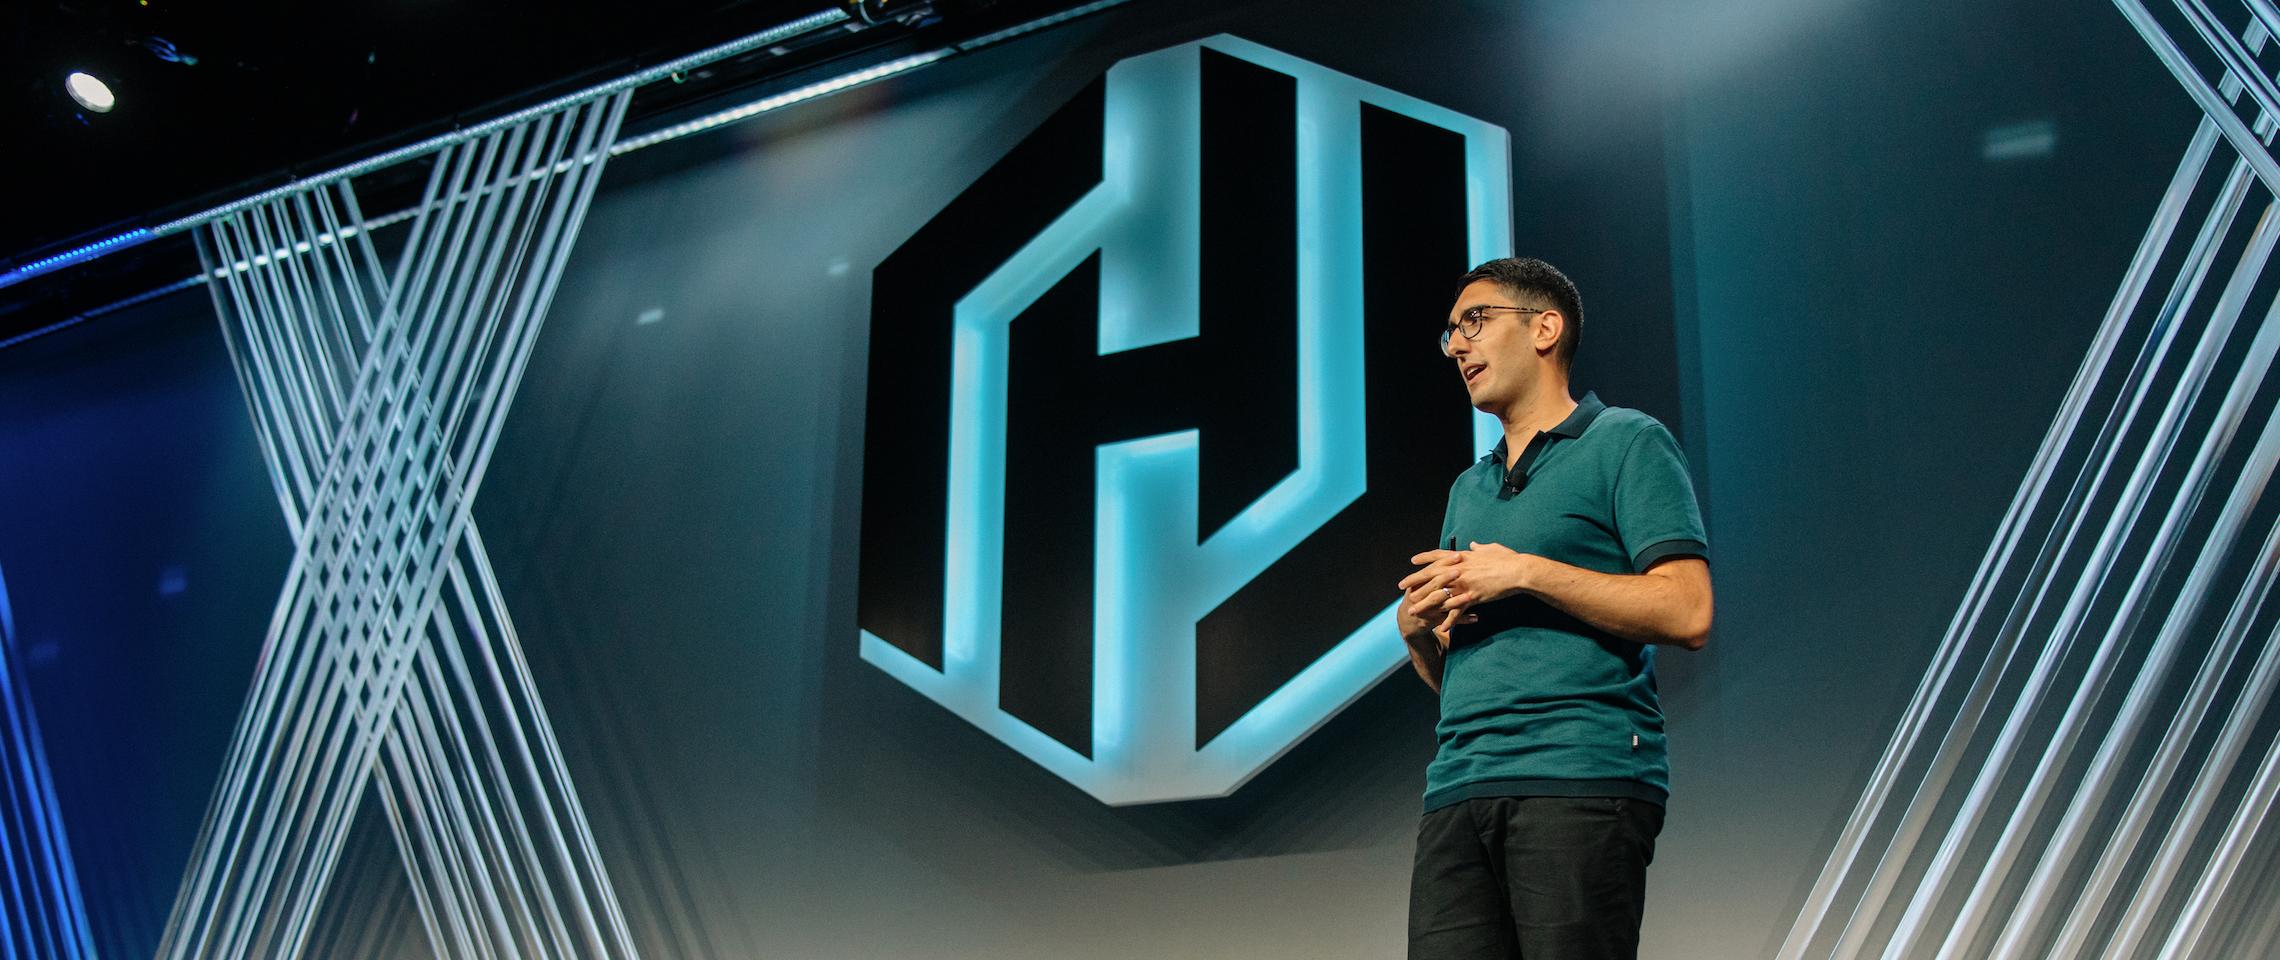 HashiConf 2019 Opening Keynote Image